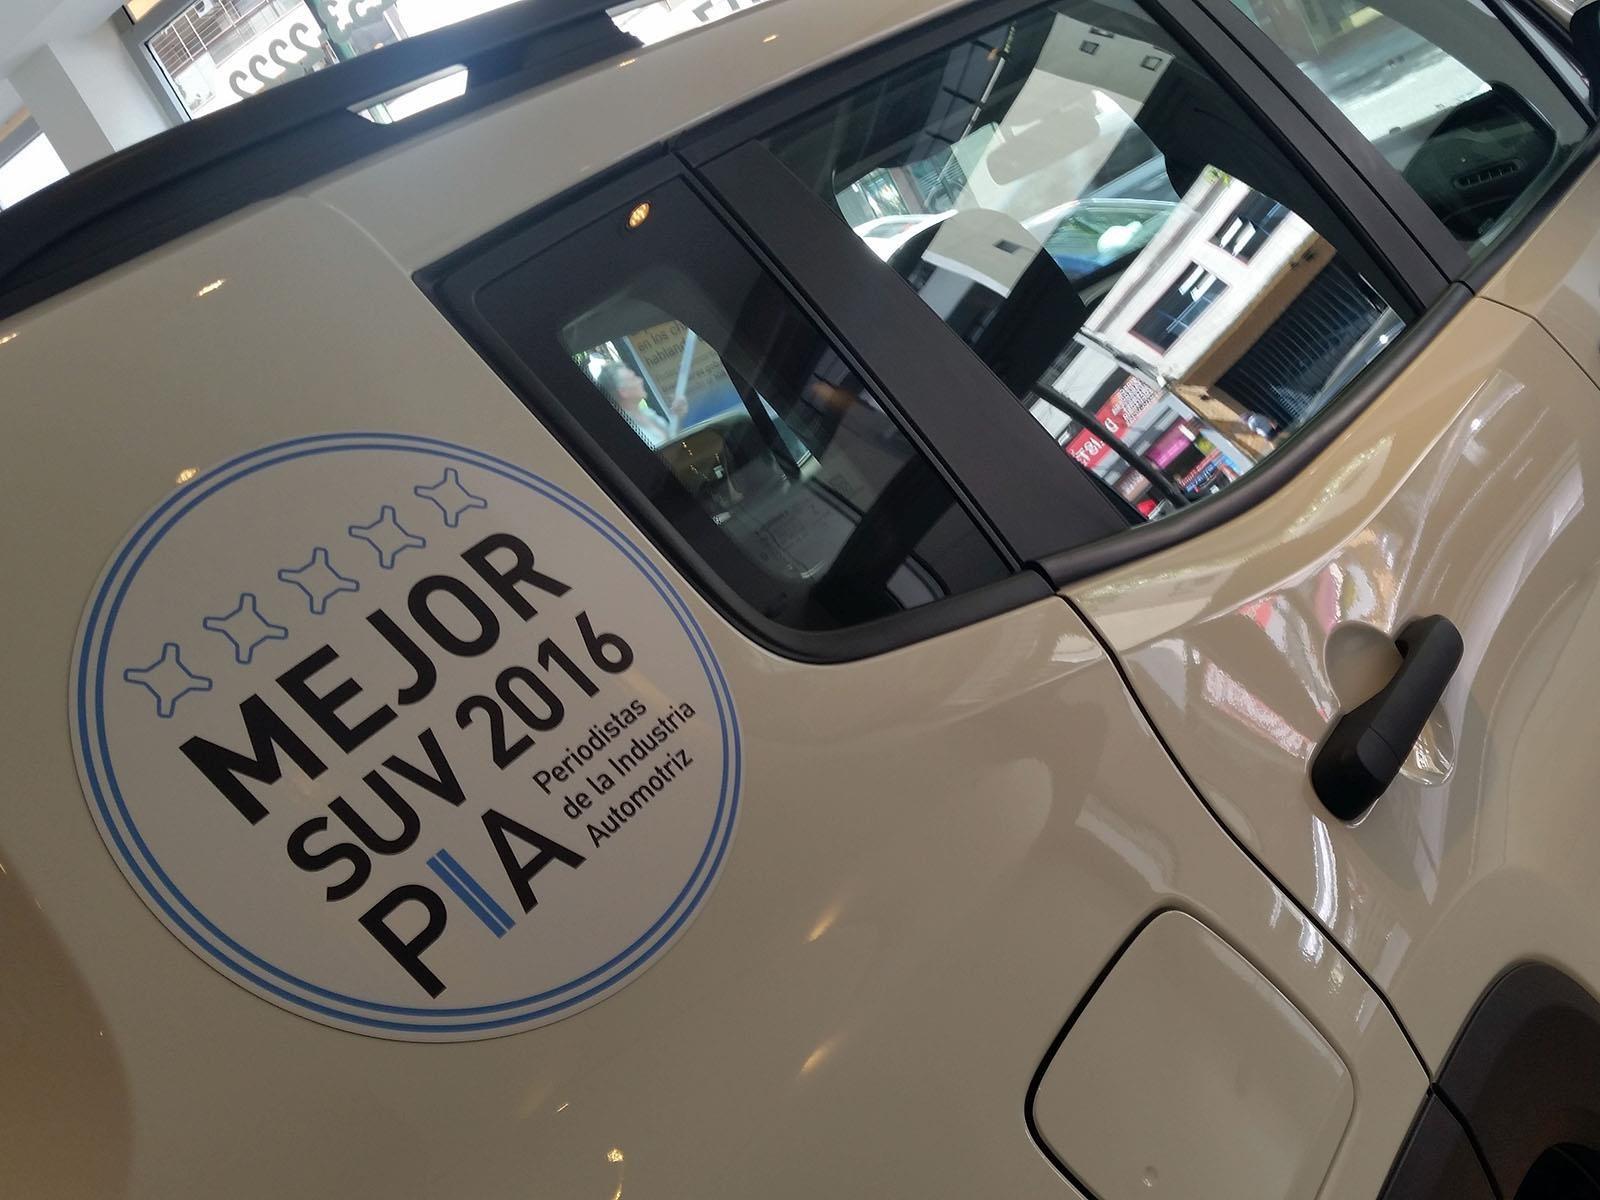 Jeep reconoce a los premios PIA